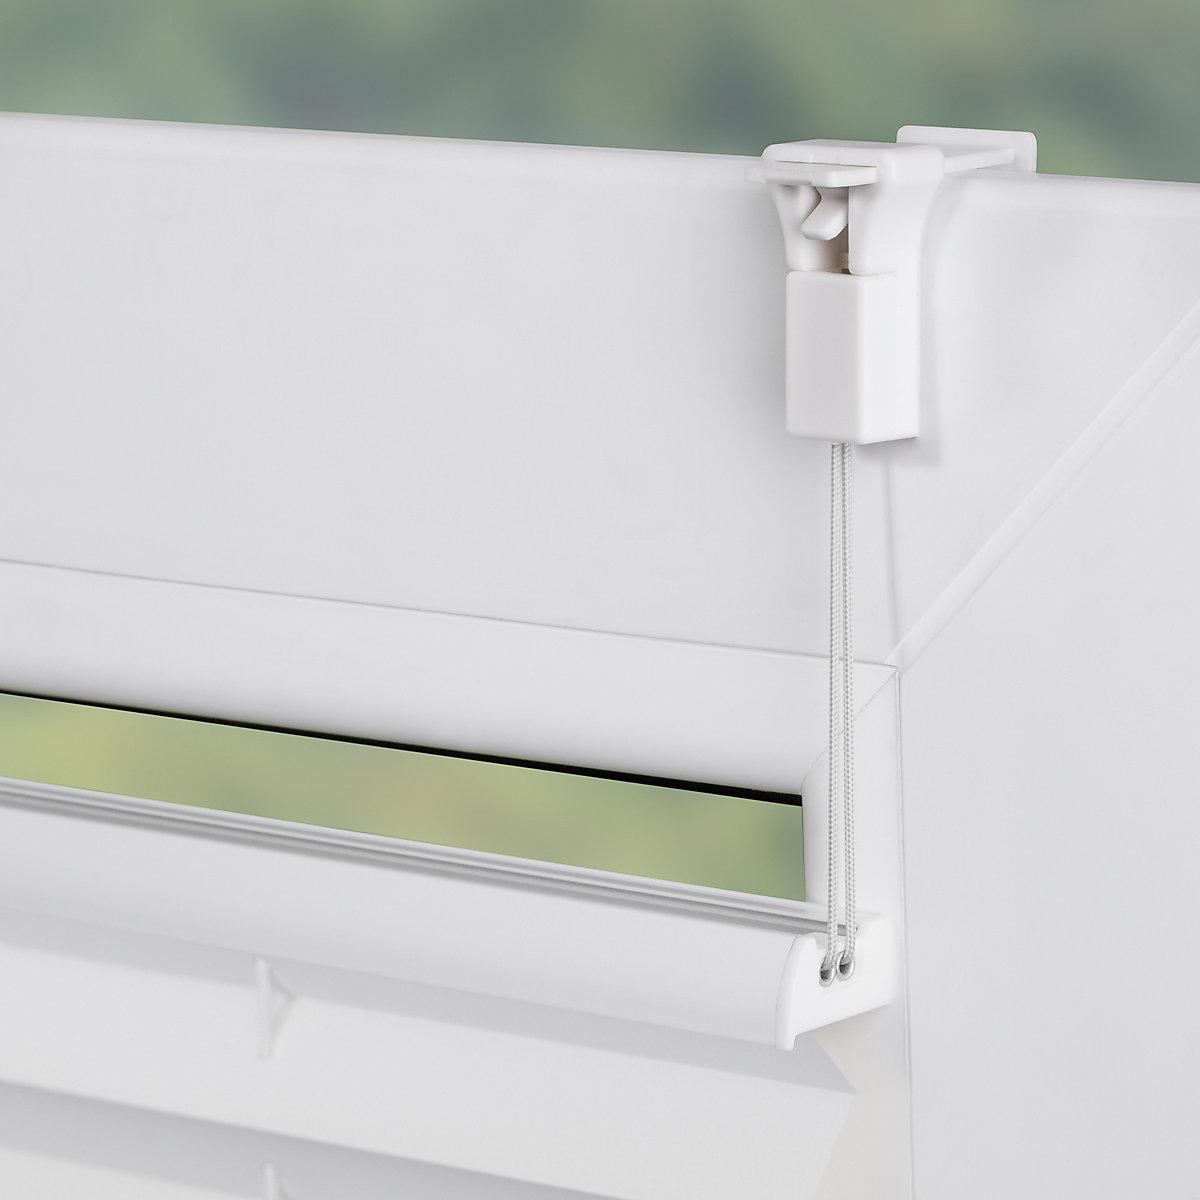 plissee klemmfix thermo ohne bohren verspannt verdunkelung wei lichtblick mytoys. Black Bedroom Furniture Sets. Home Design Ideas